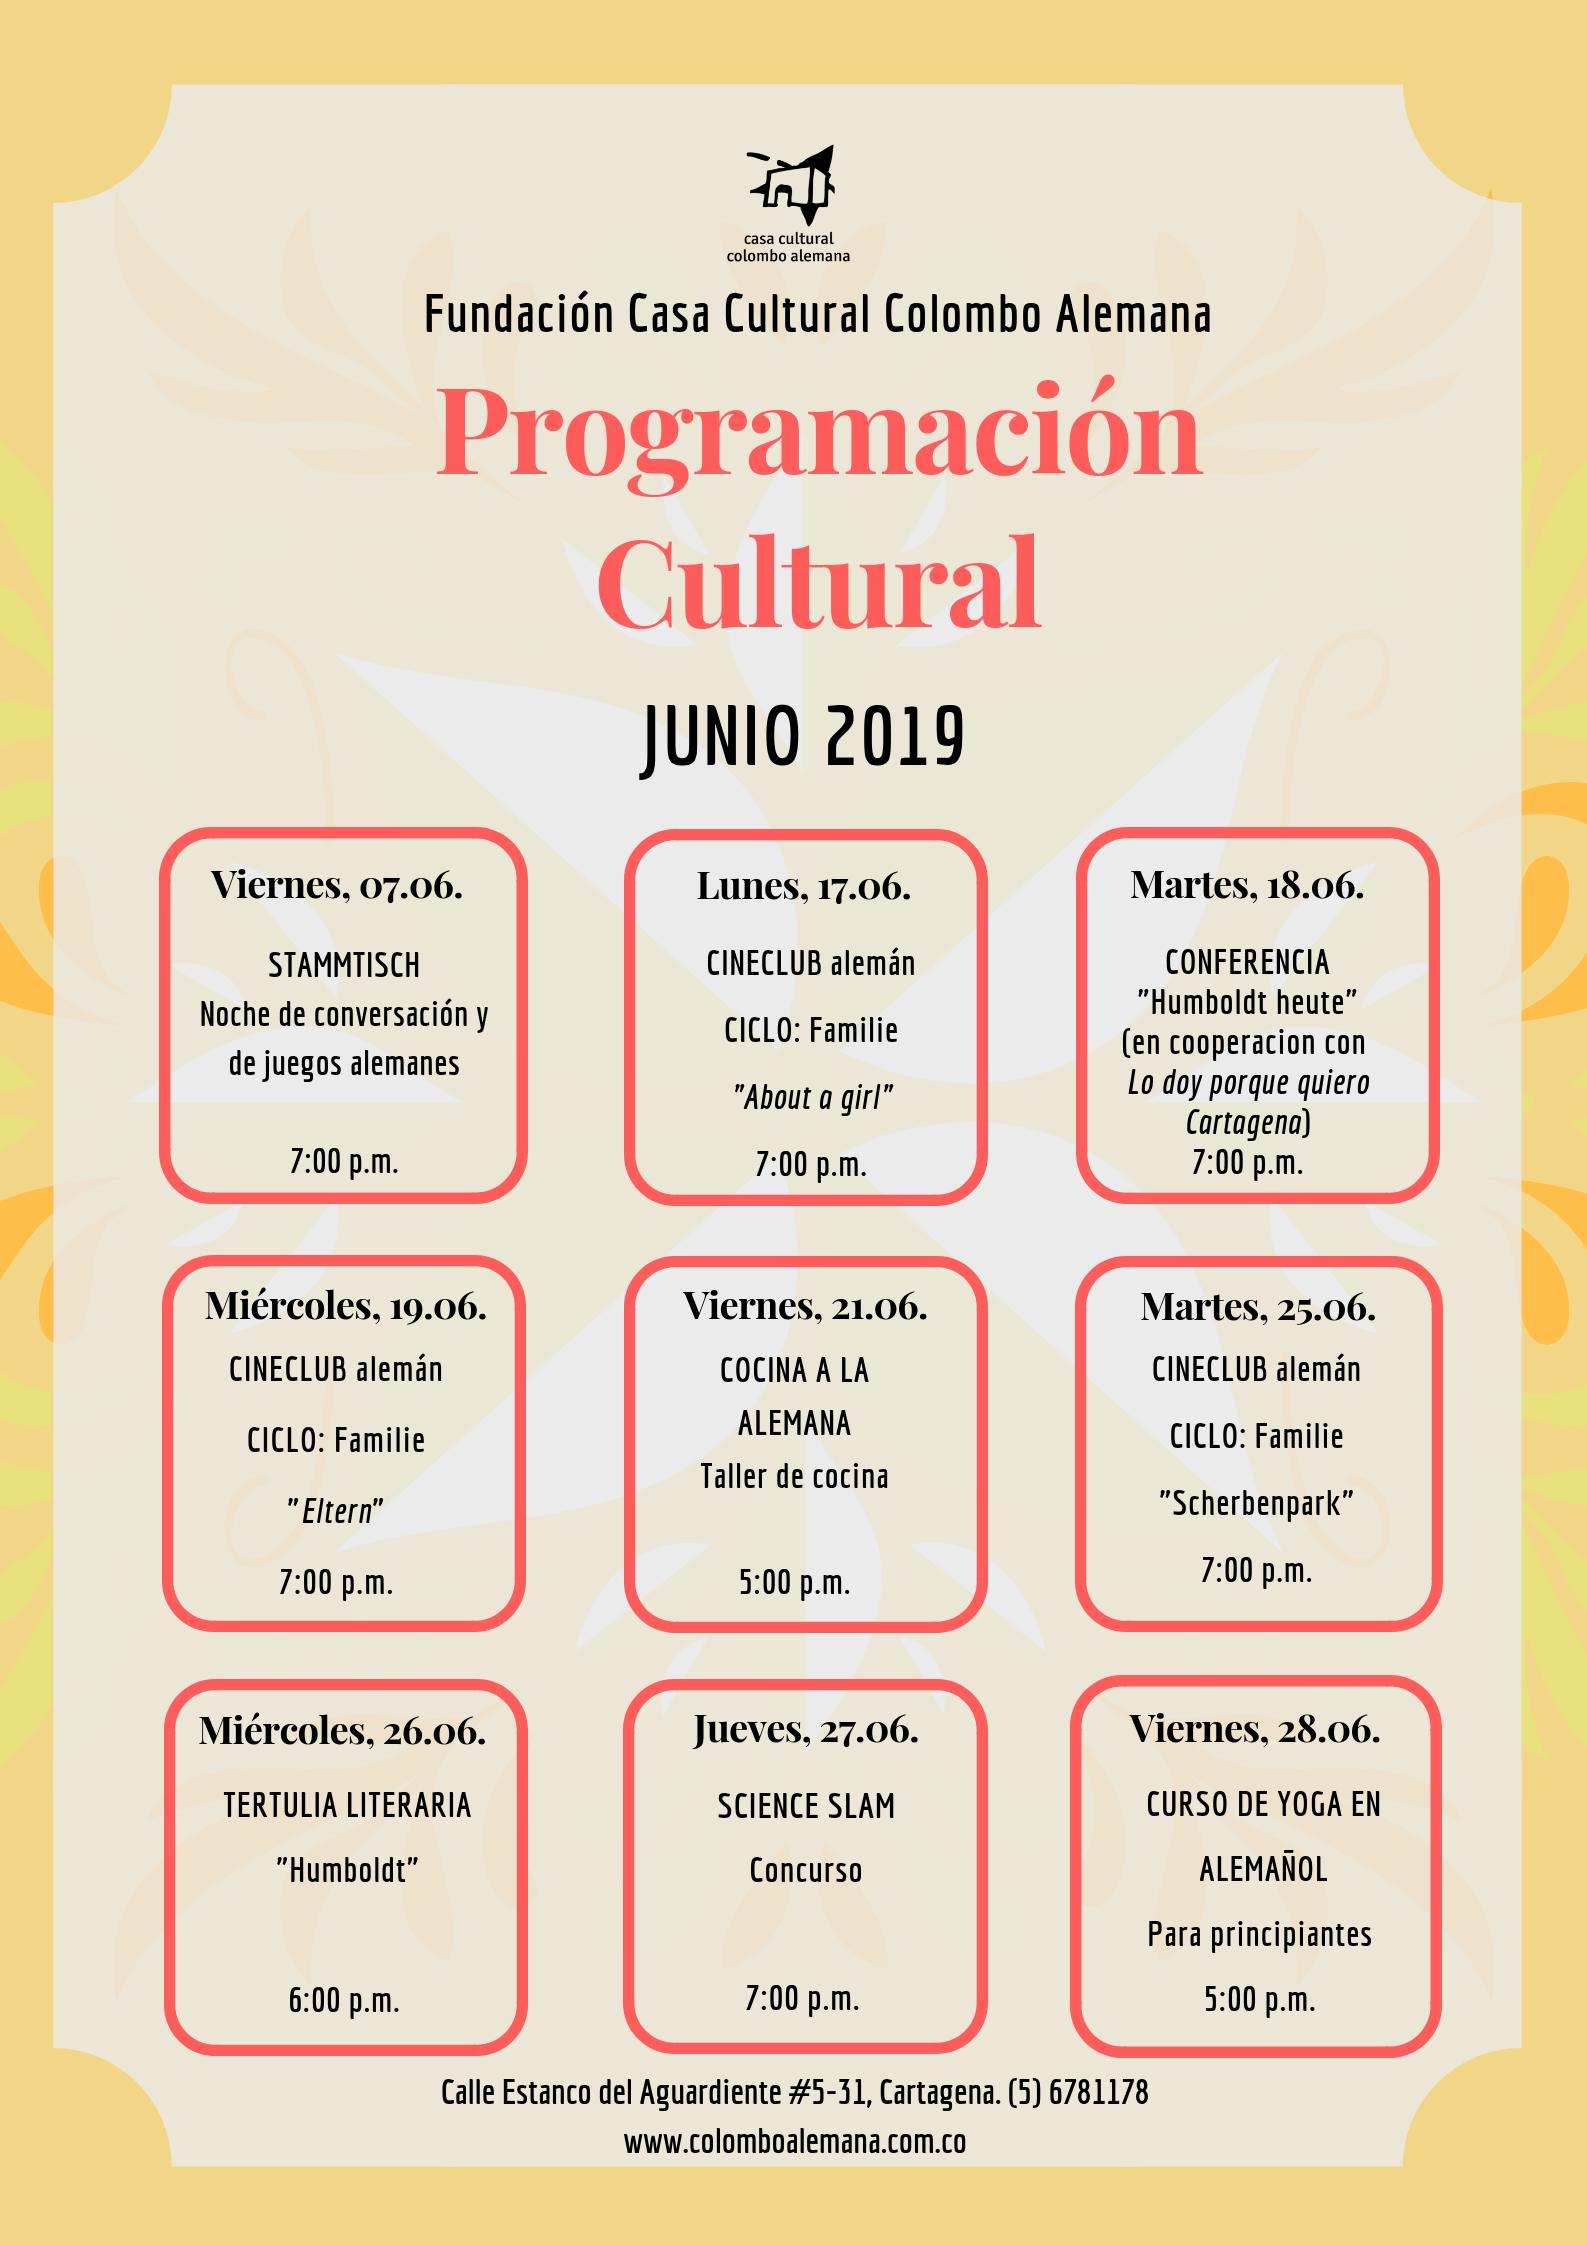 06_Programación Cultural Juni 2019